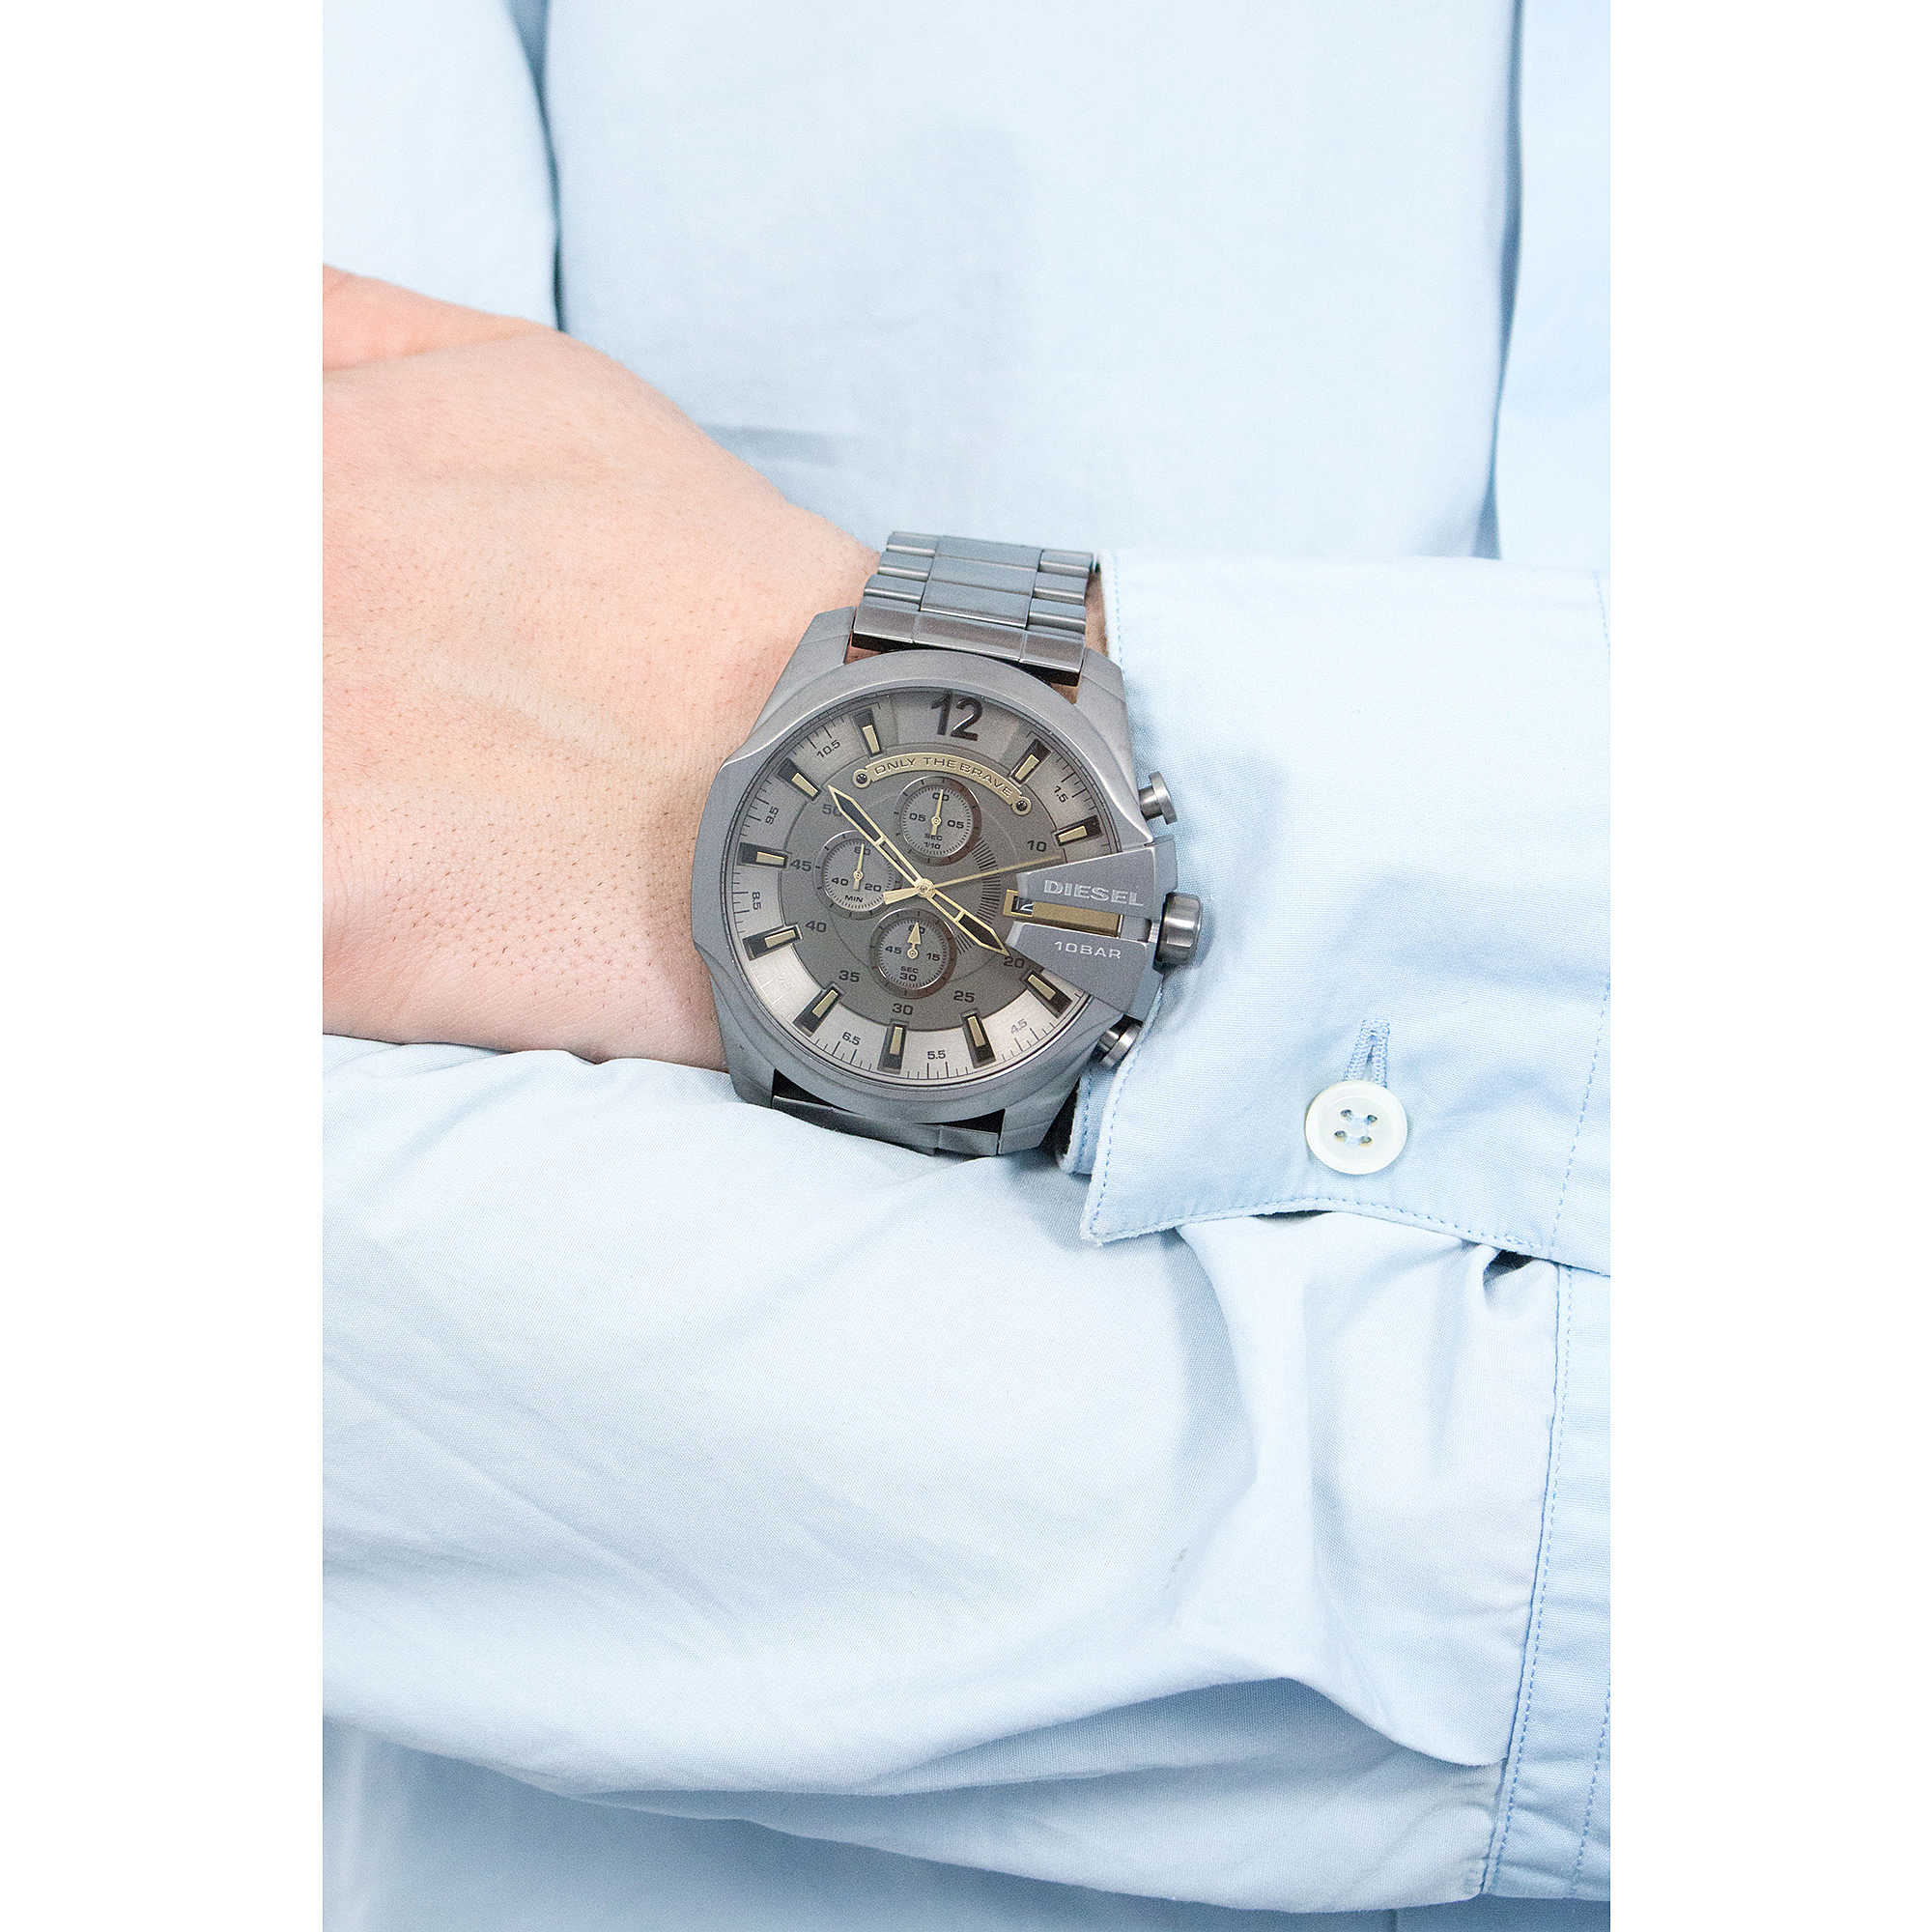 73c51c58c watch chronograph man Diesel Chief DZ4466 chronographs Diesel